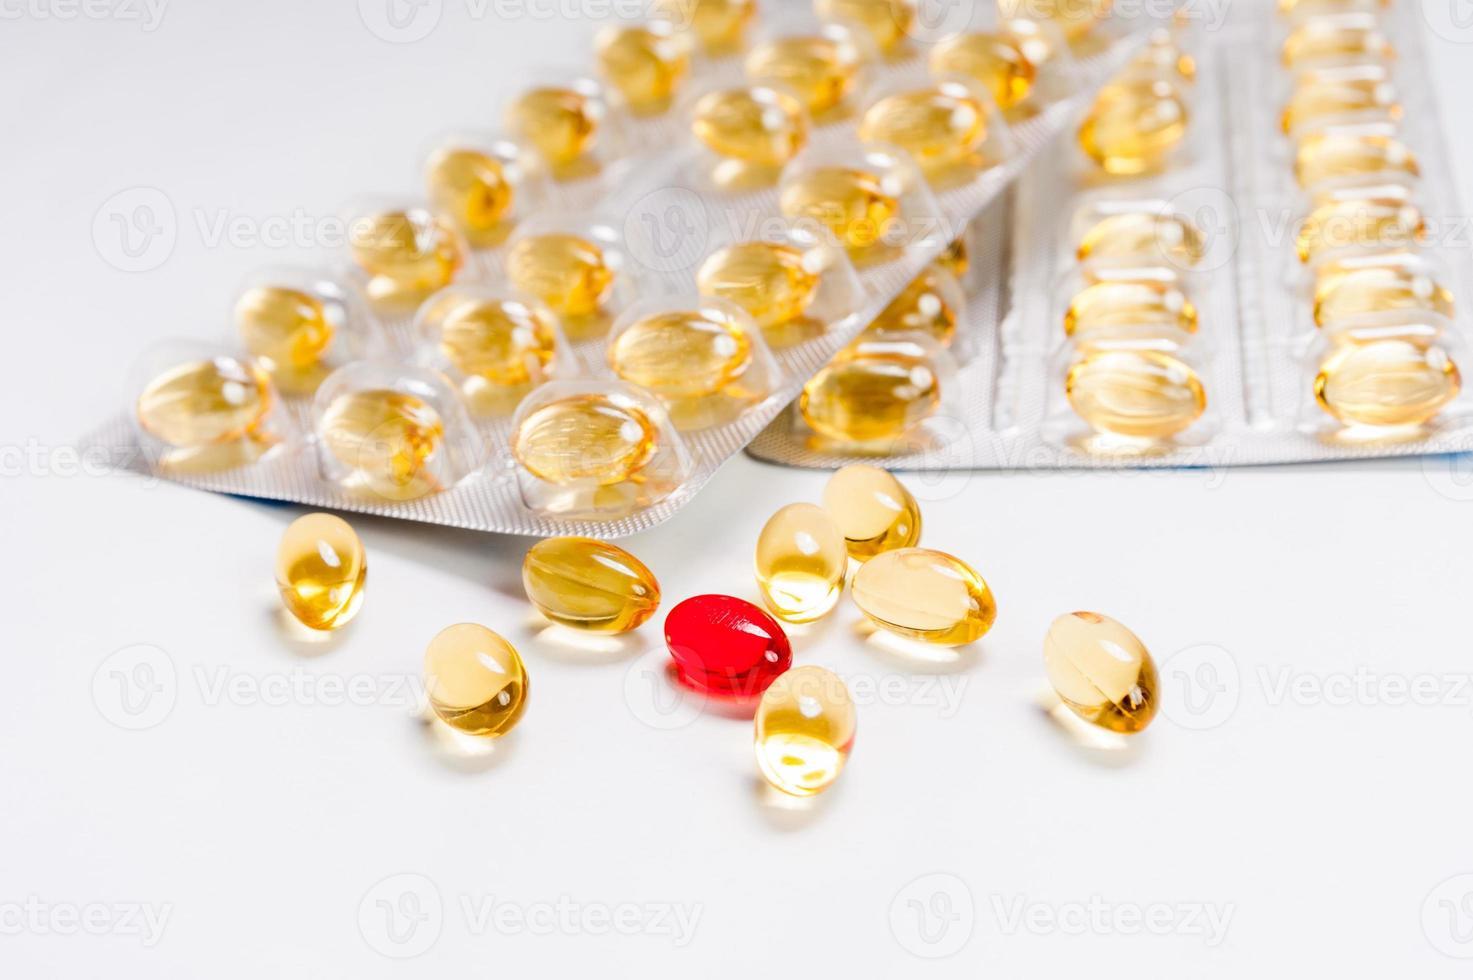 embalagens de pílulas e comprimidos médicos foto